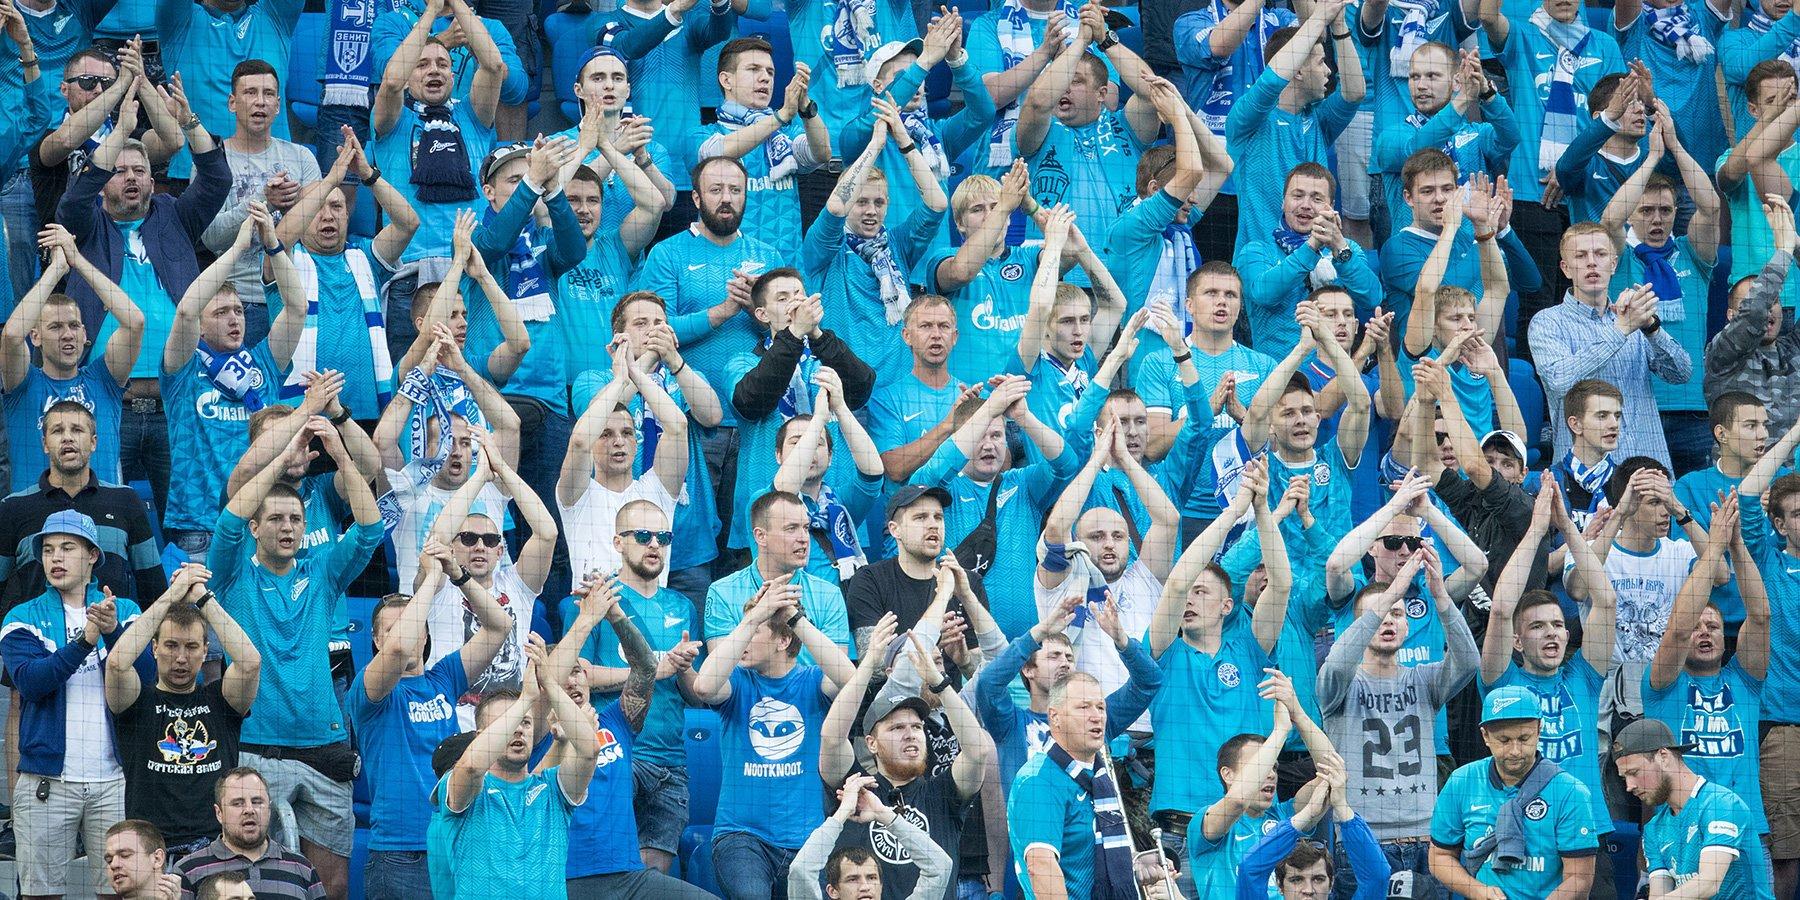 Фанаты «Зенита» покинули гостевой сектор в матче с «Уралом»